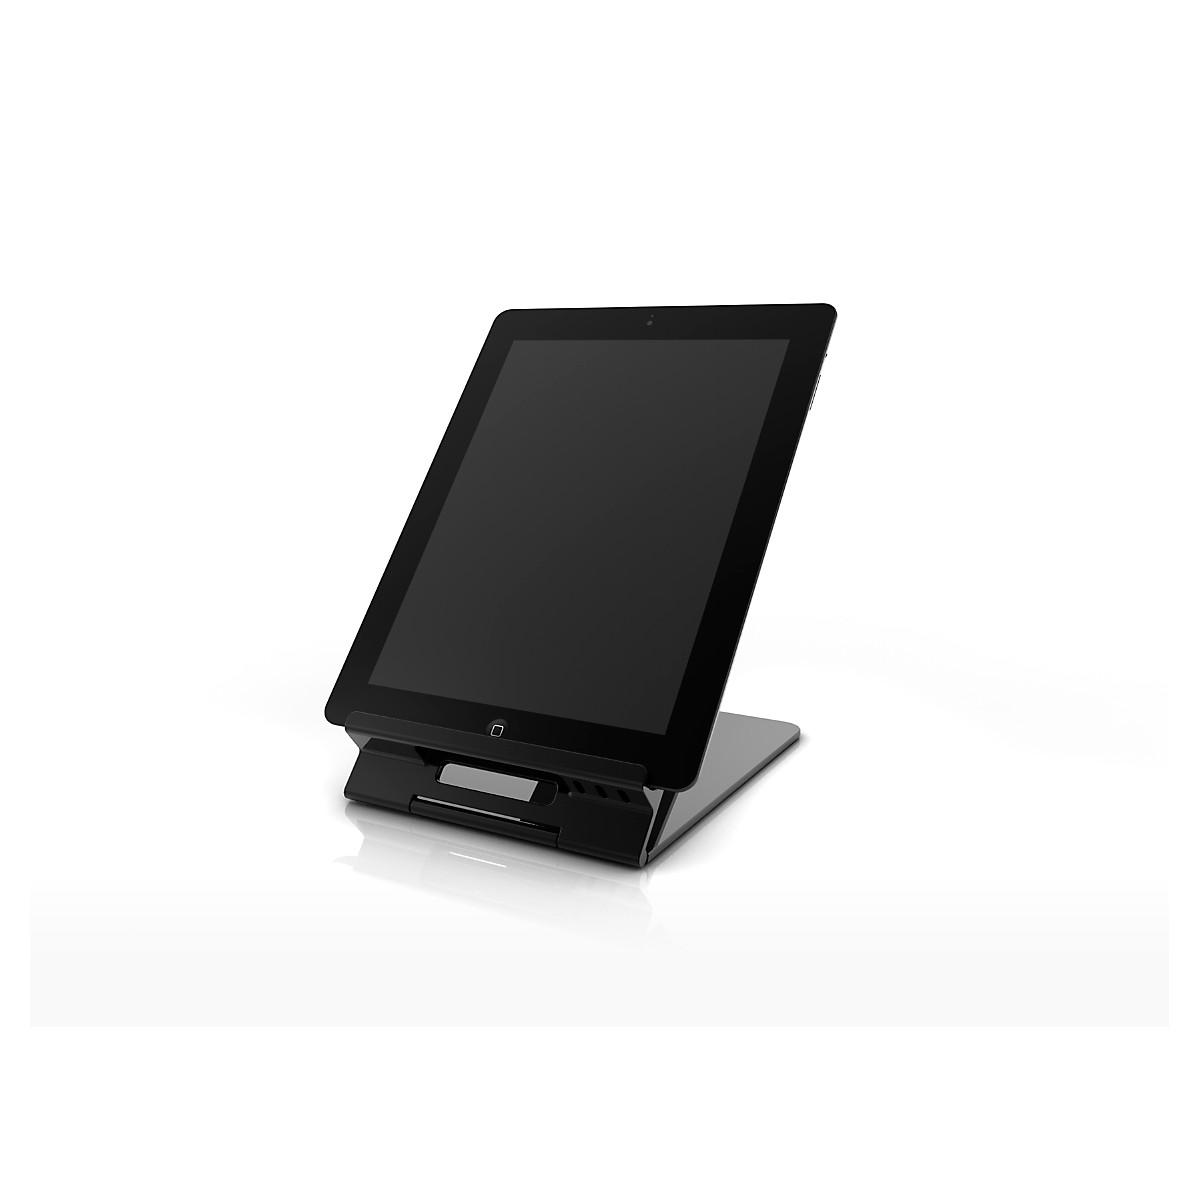 IK Multimedia iKlip Studio Desktop Stand for iPad